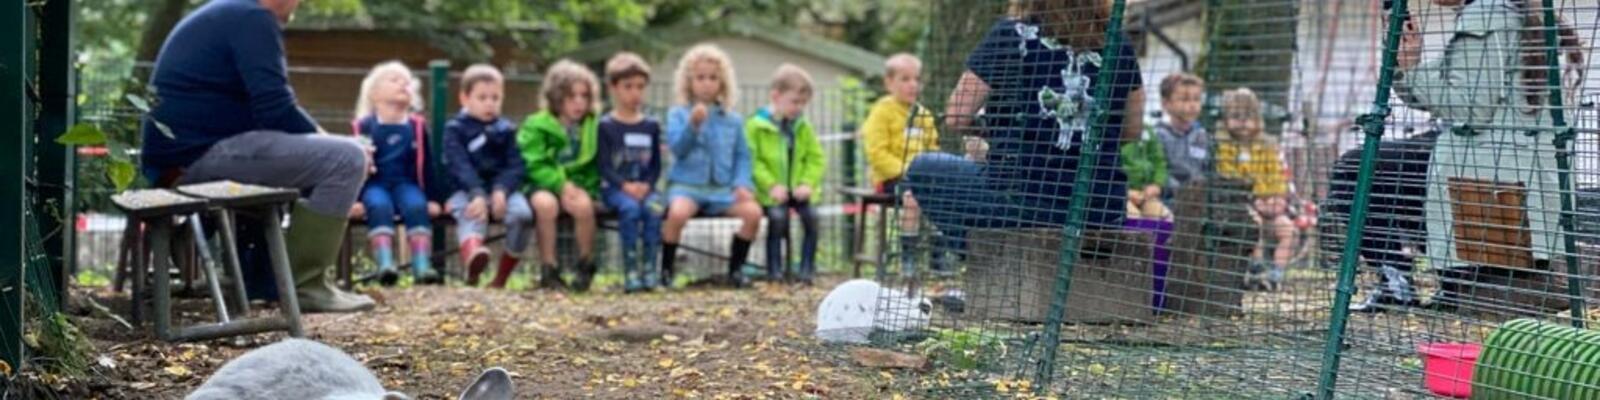 Op bezoek bij de konijnen van Schoolhoeve De Campagne